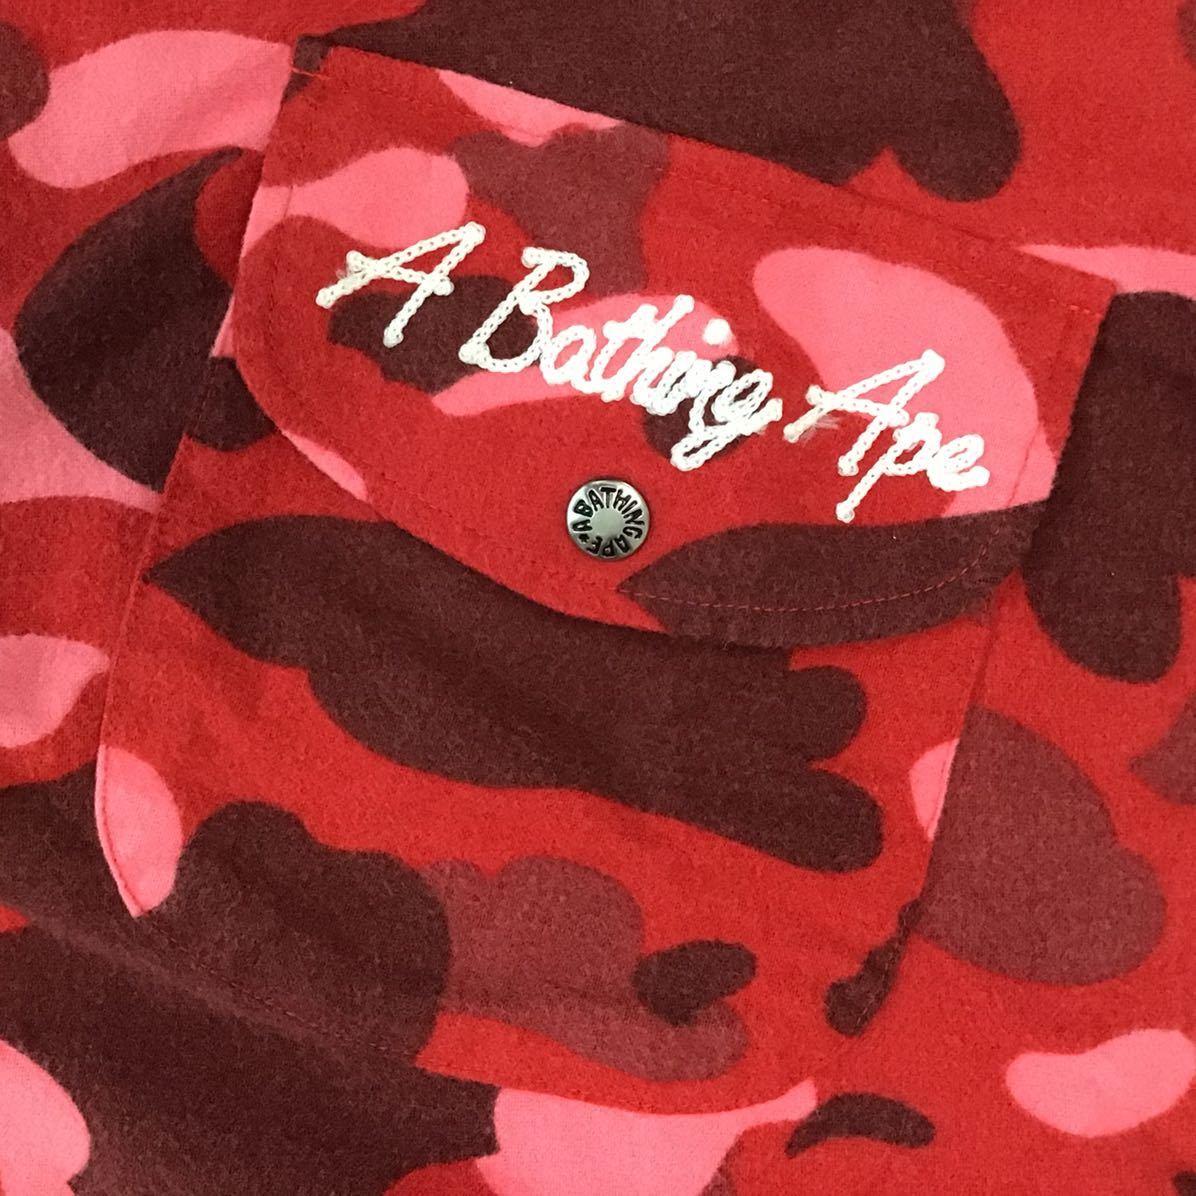 pharrell camo 半袖シャツ Mサイズ a bathing ape bape red camo エイプ ベイプ アベイシングエイプ 迷彩 ll66